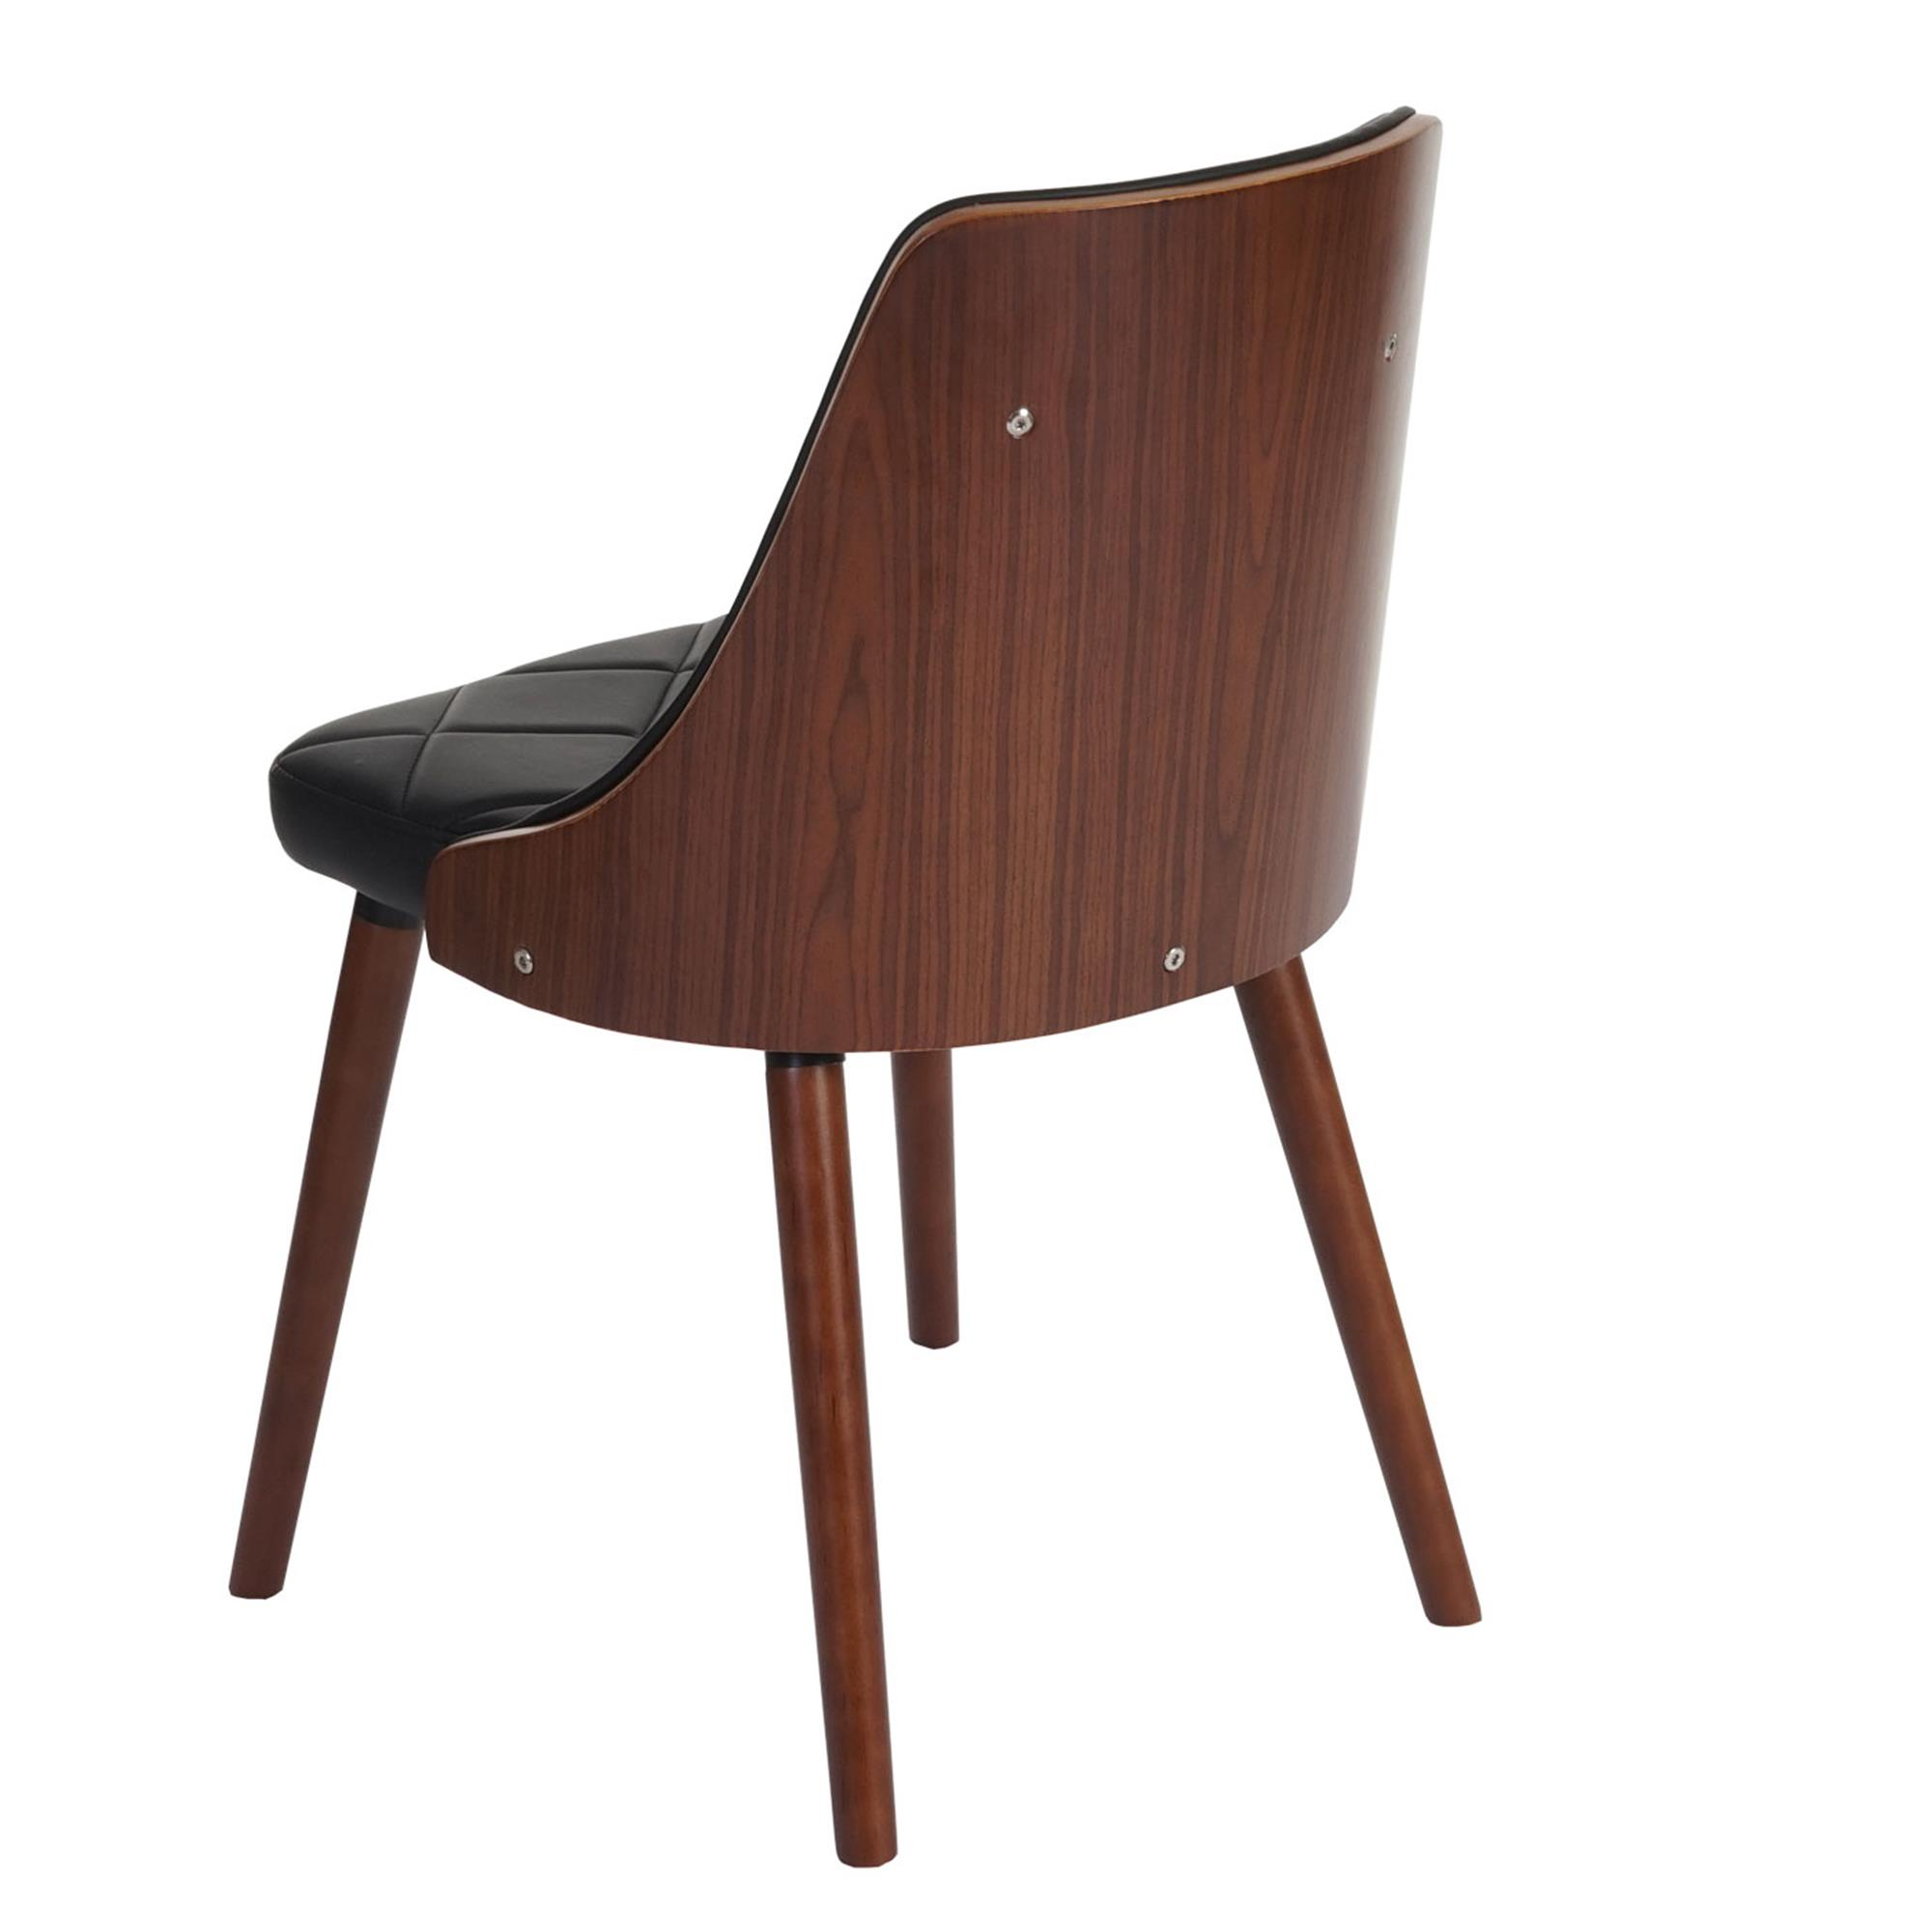 Lote 2 sillas de comedor baley en piel negro conjunto 2 for Sillas de piel para comedor